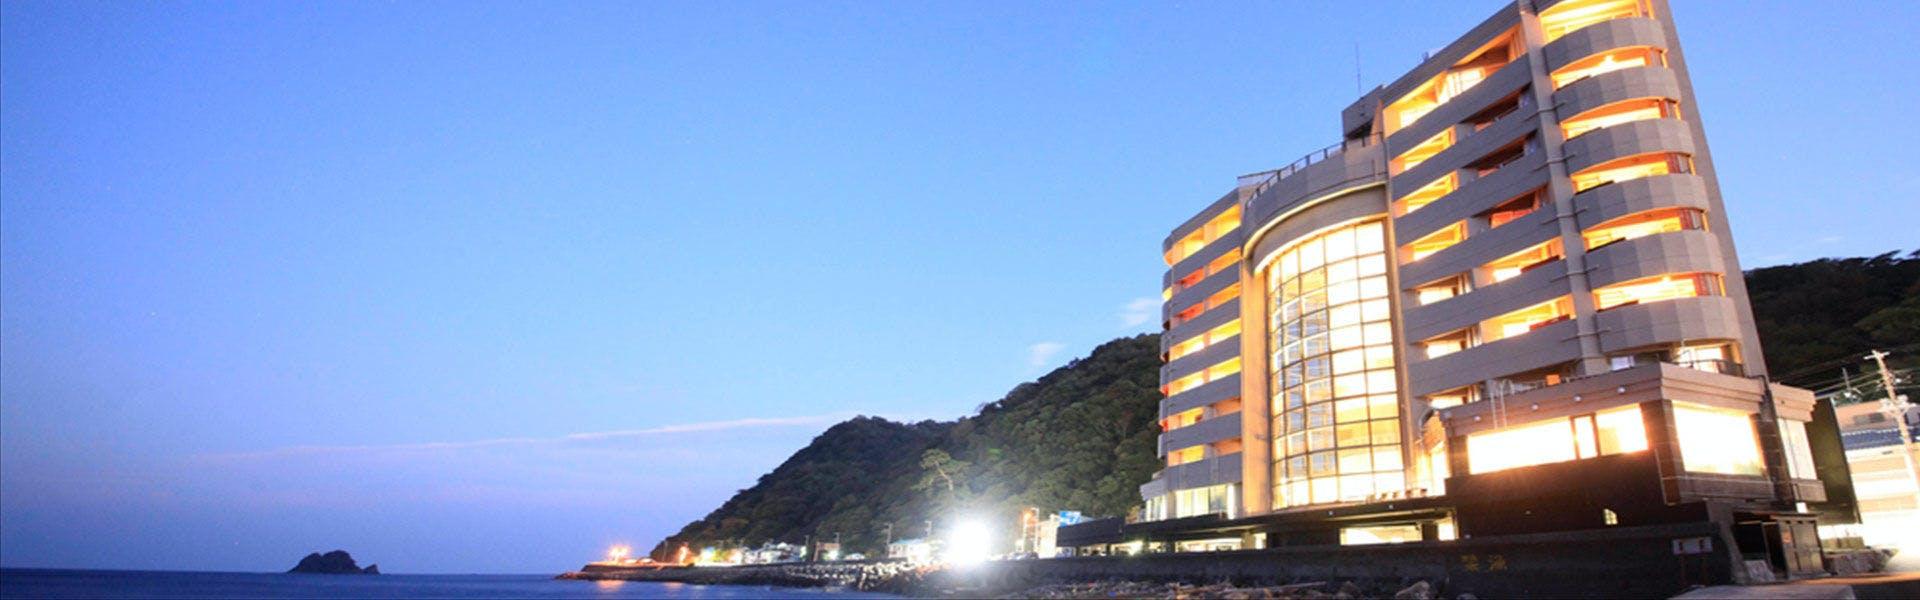 記念日におすすめのホテル・ラグジュアリー 和 ホテル風の薫の写真2